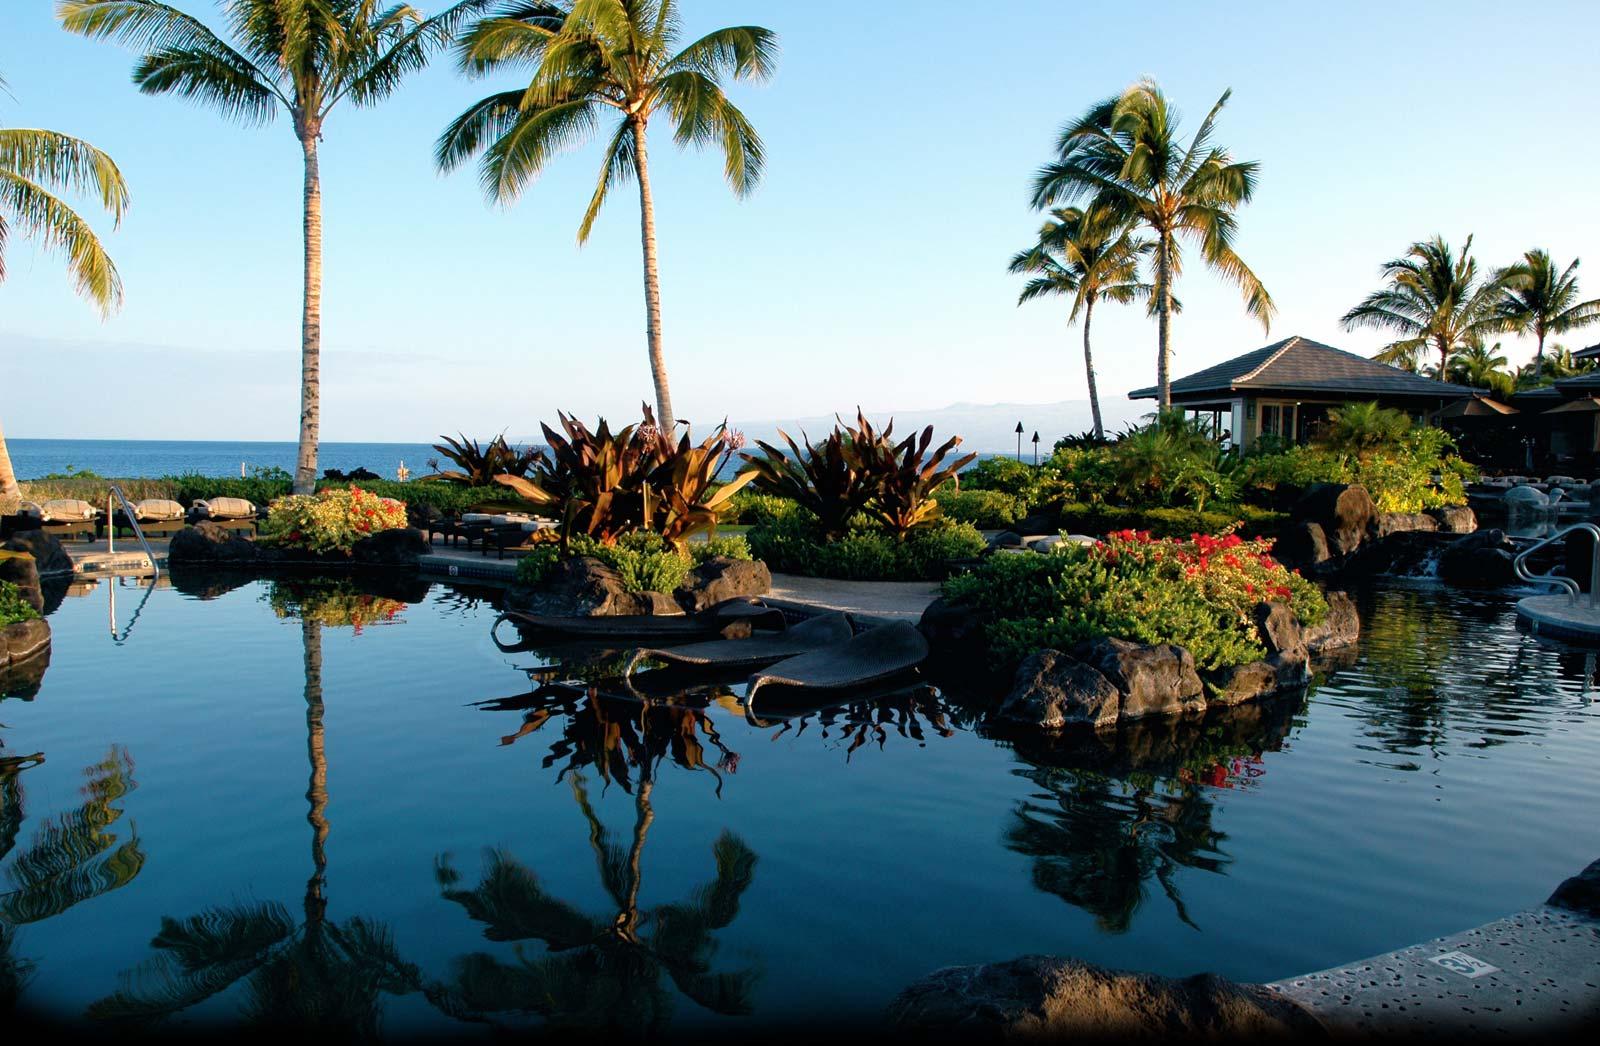 hawaii vacay